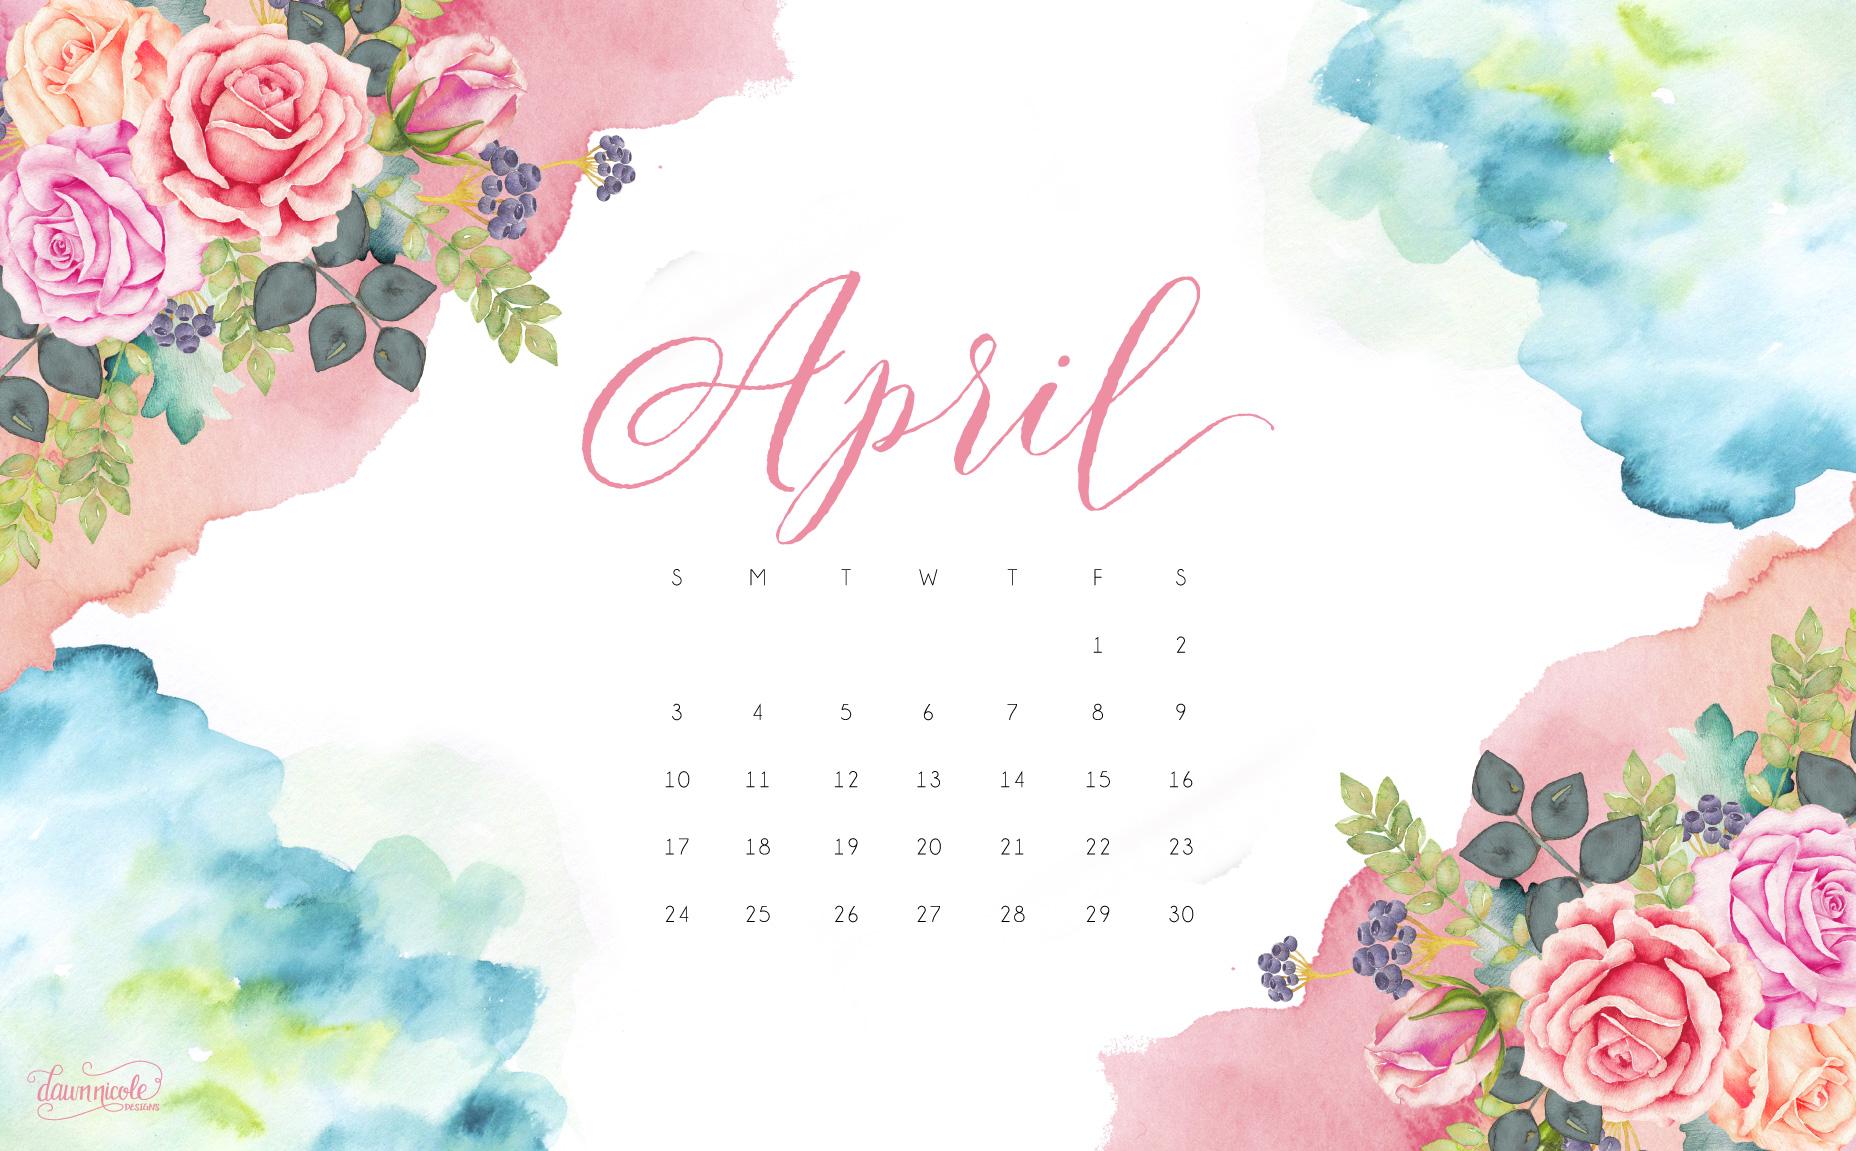 April 2016 Desktop Wallpaper   52DazheW Gallery 1856x1151